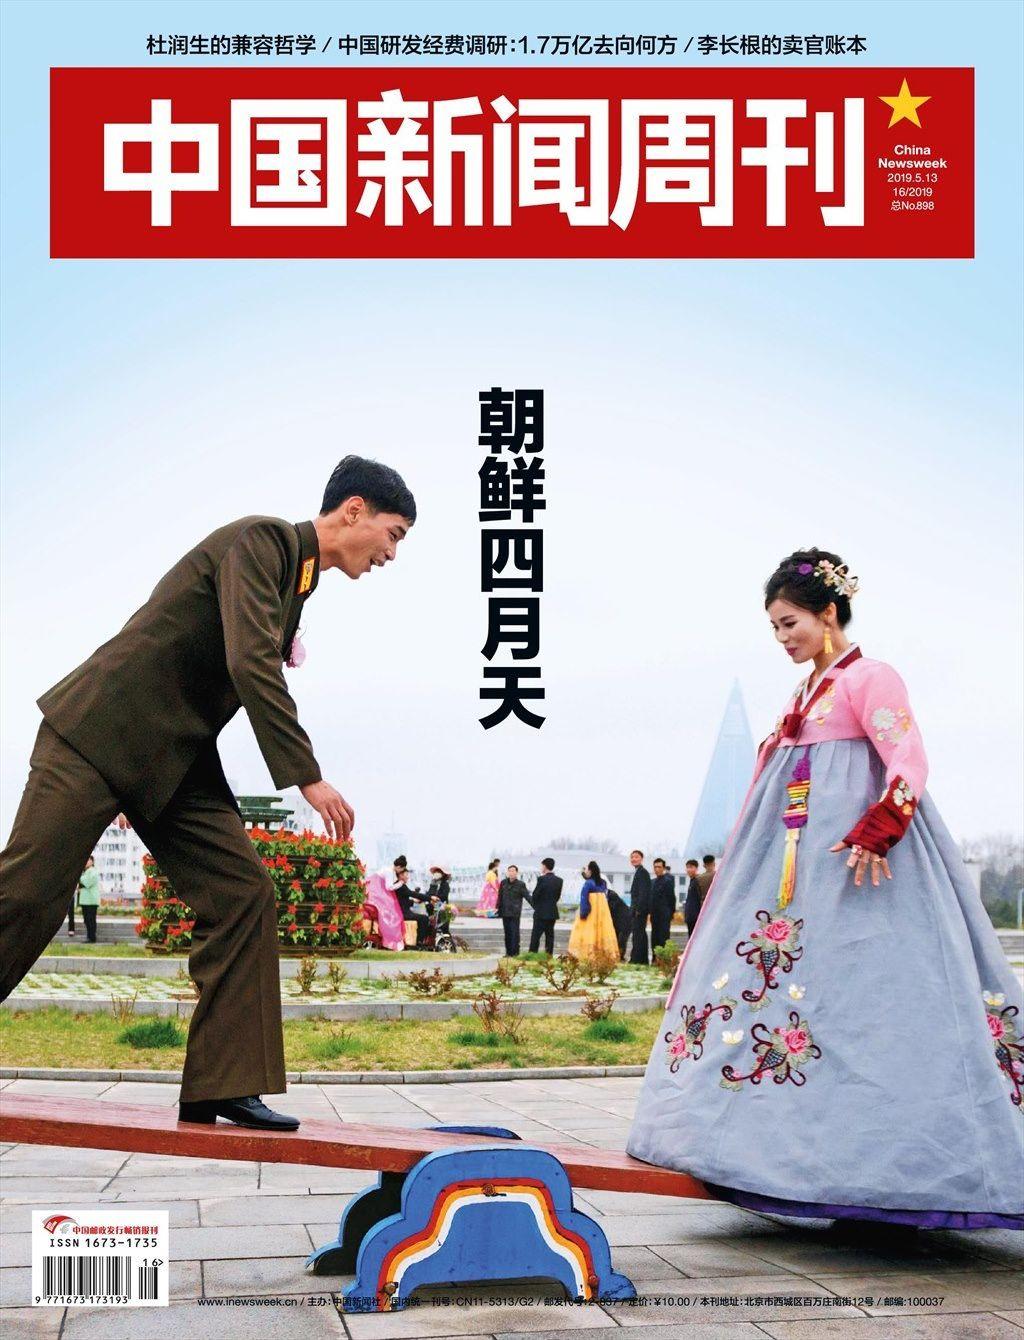 中国新闻周刊 2019第16期